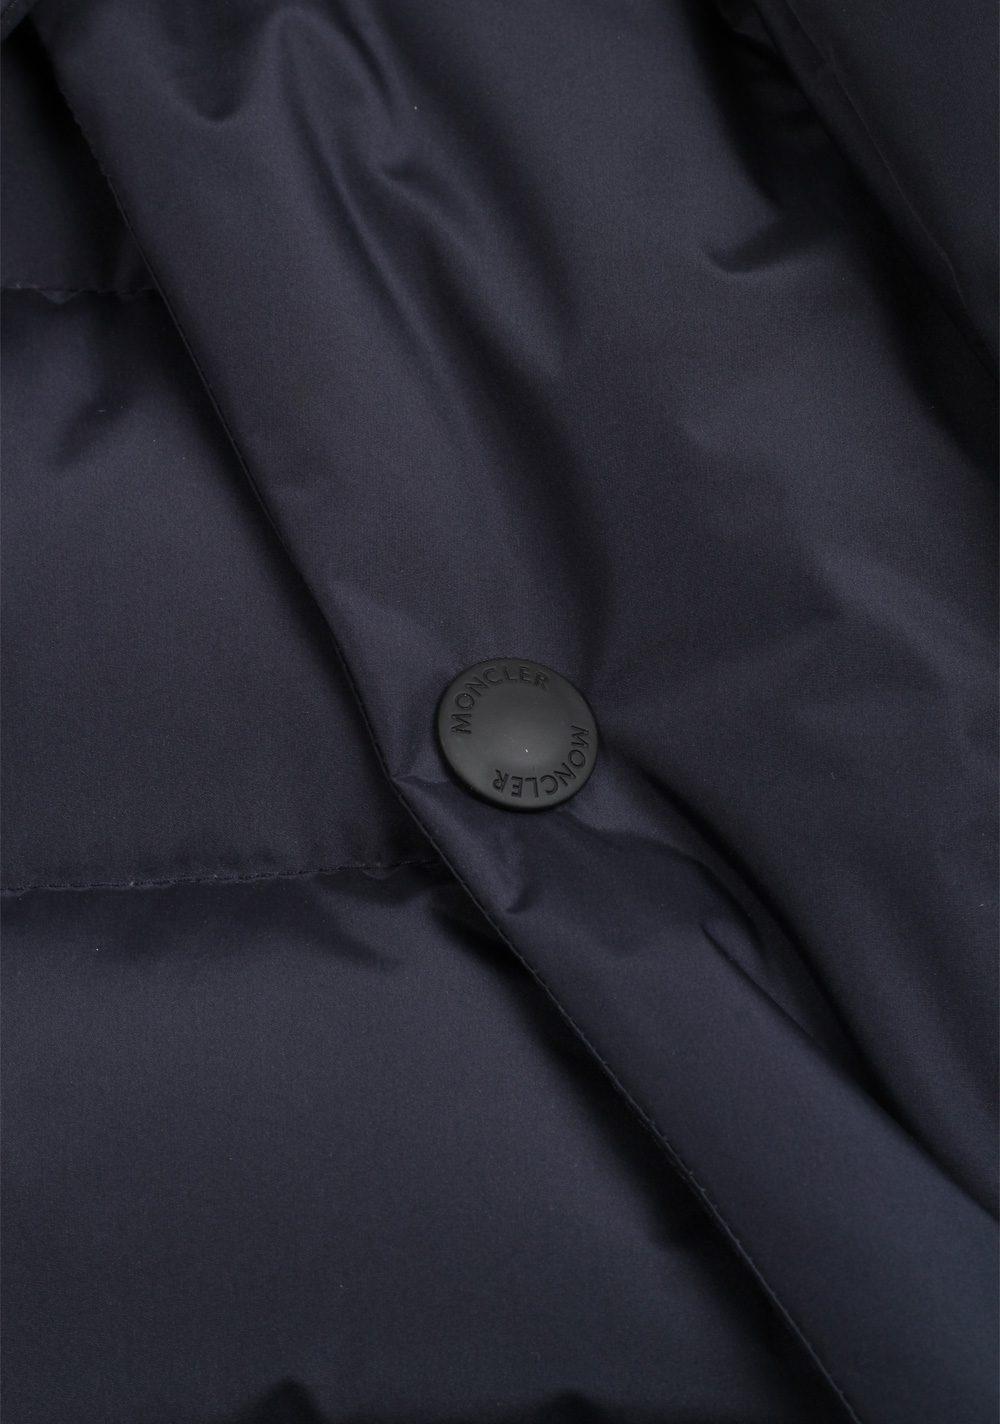 Moncler Blue Grenoble Arvieux Jacket Coat Size 4 / L / 52 / 42 U.S. | Costume Limité